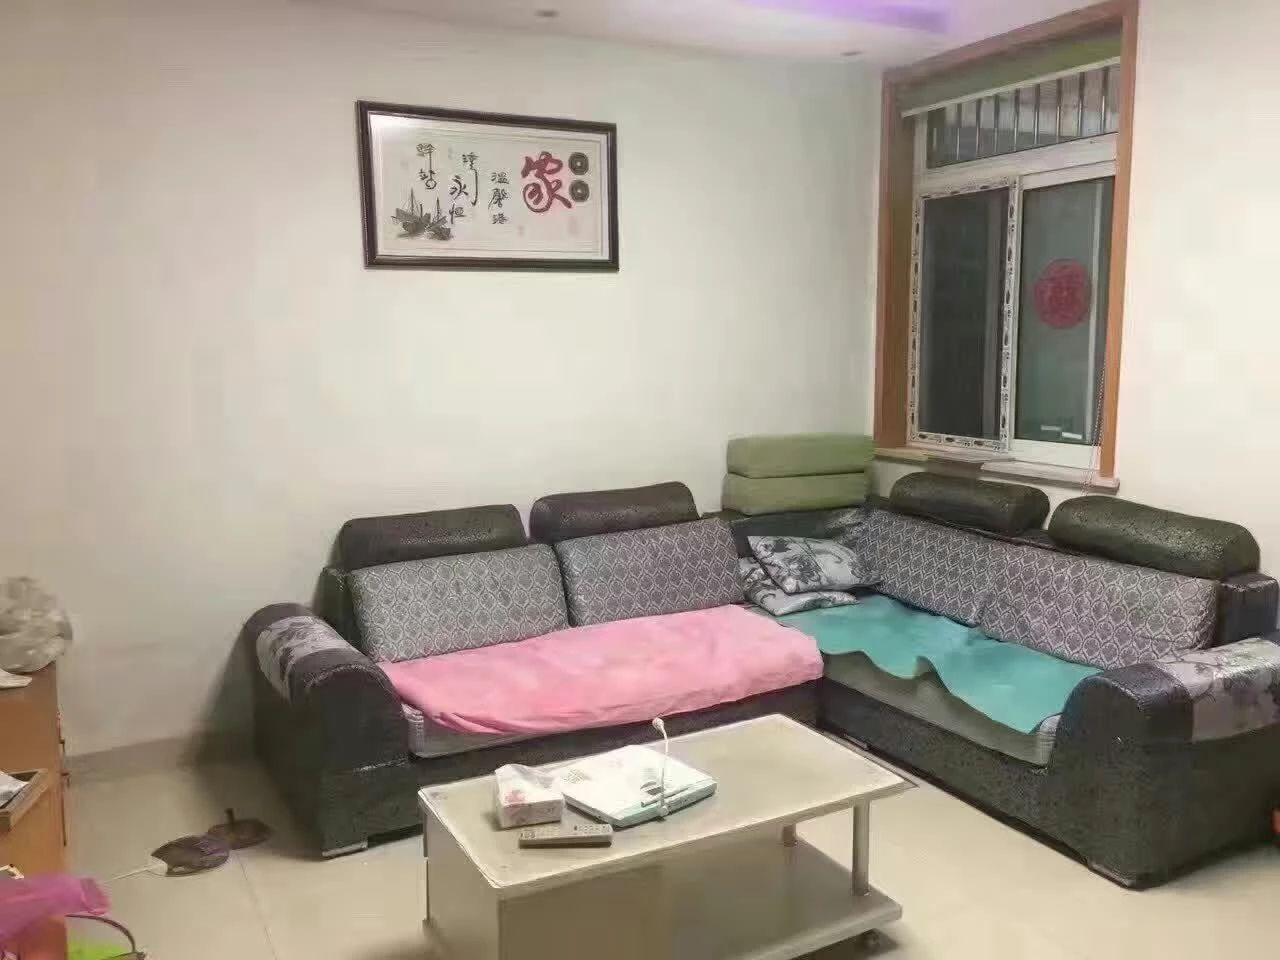 瑶海万达旁龙腾家园2室 精装无税 南北通透 真实房源 看房方便